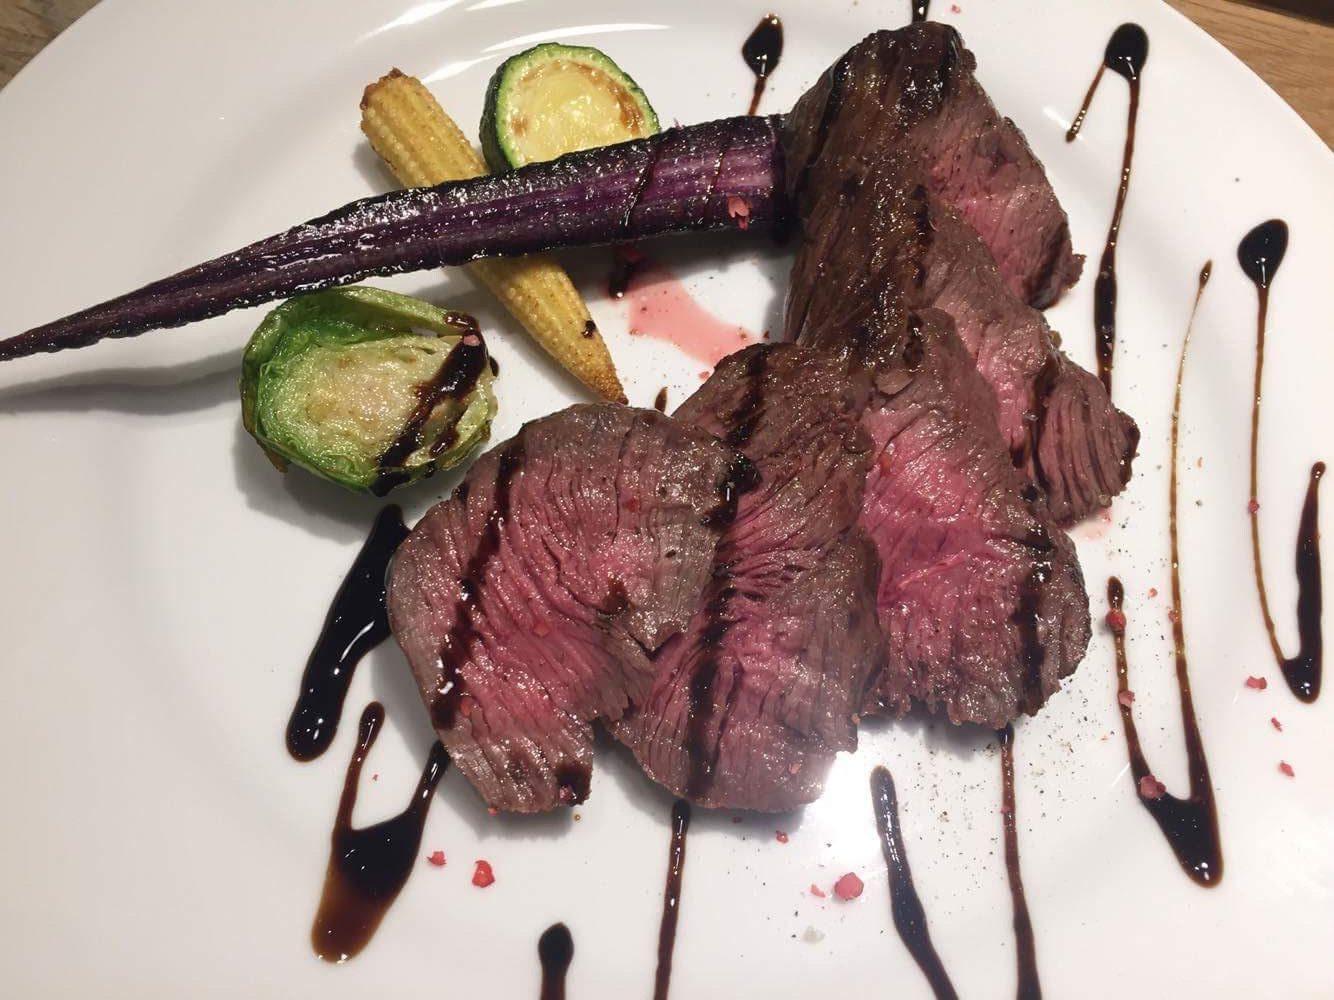 肉ががっつり美味しい!ワインと愉しむ【ヴィノシティマキシム】in 名古屋JRゲートタワープラザ